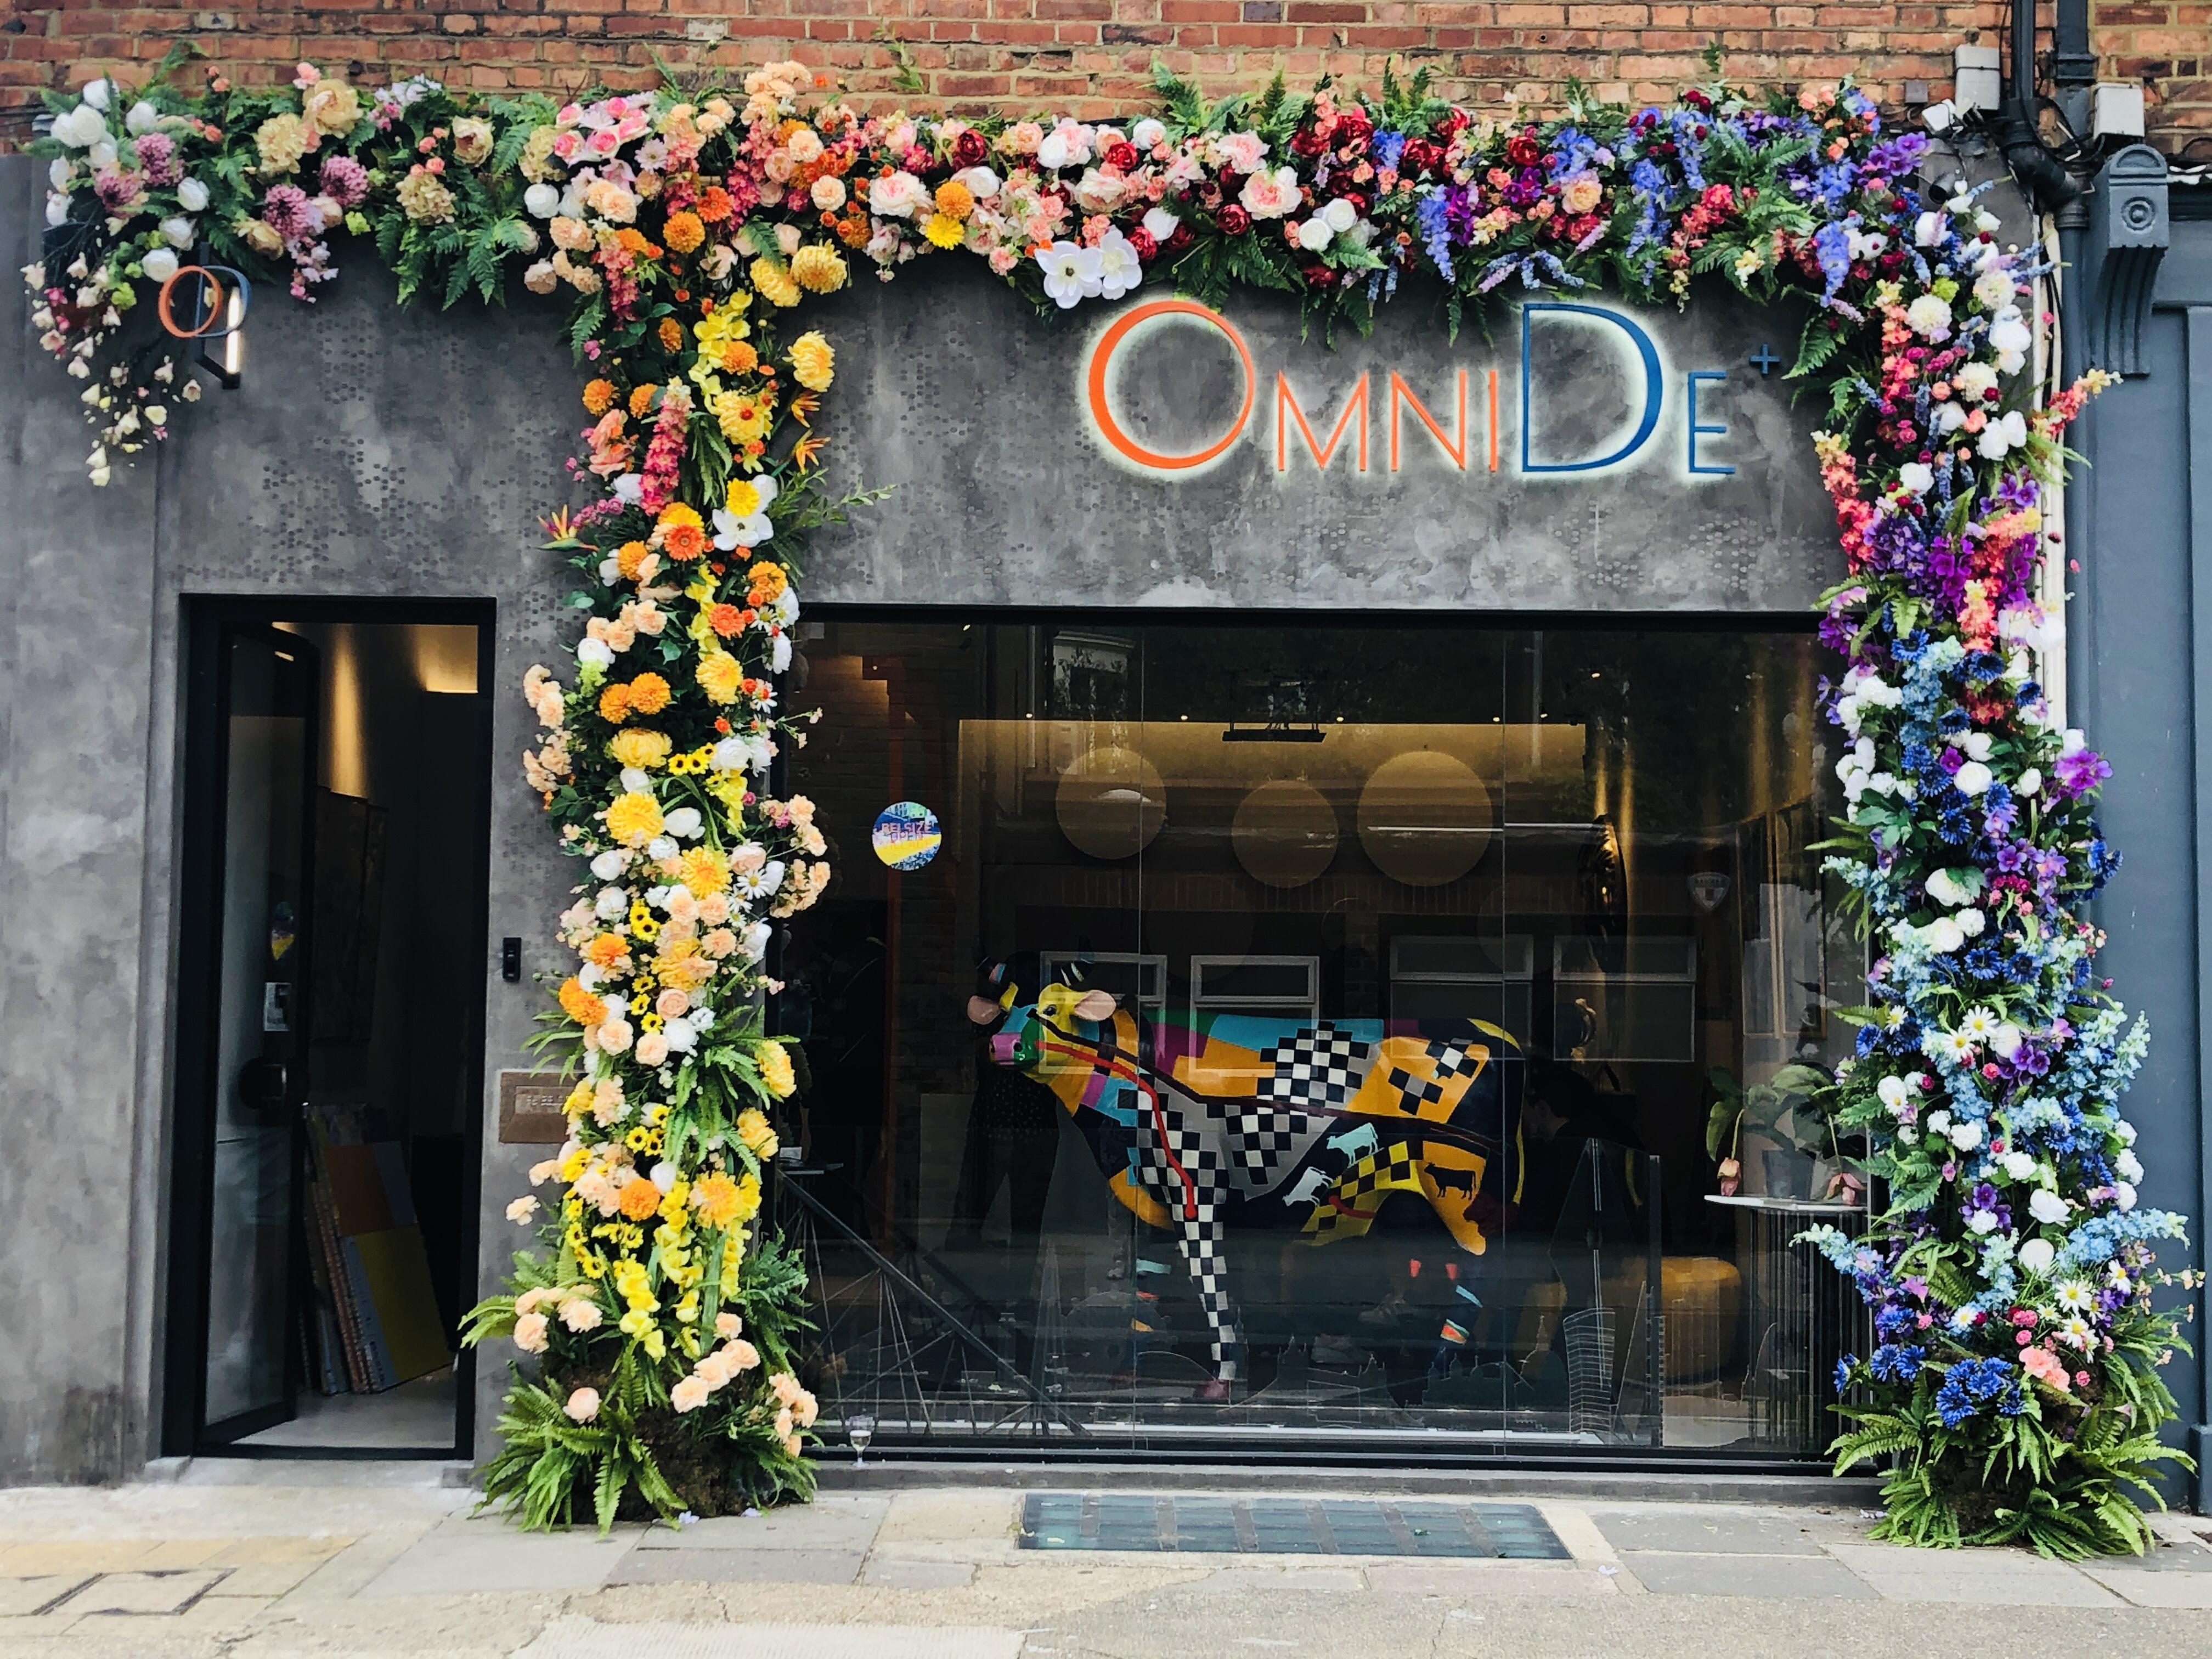 Floral installation, Belsize Park, London